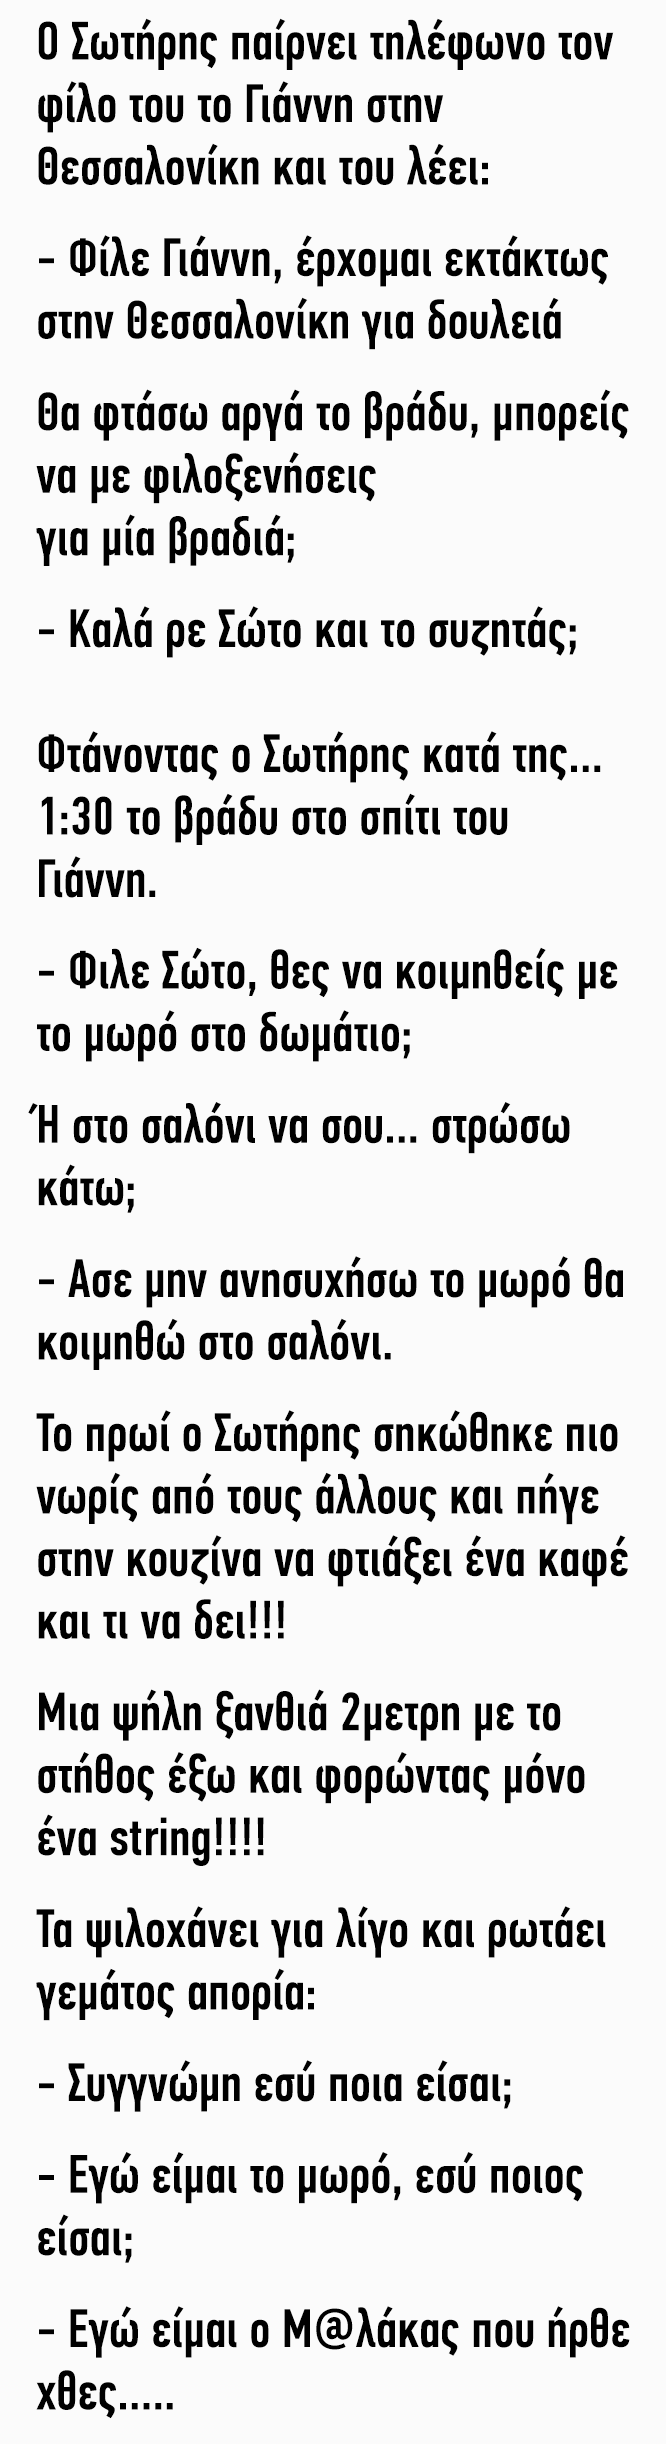 Ανέκδοτο: Ο Σωτήρης παίρνει τηλέφωνο τον φίλο του το Γιάννη στην Θεσσαλονίκη